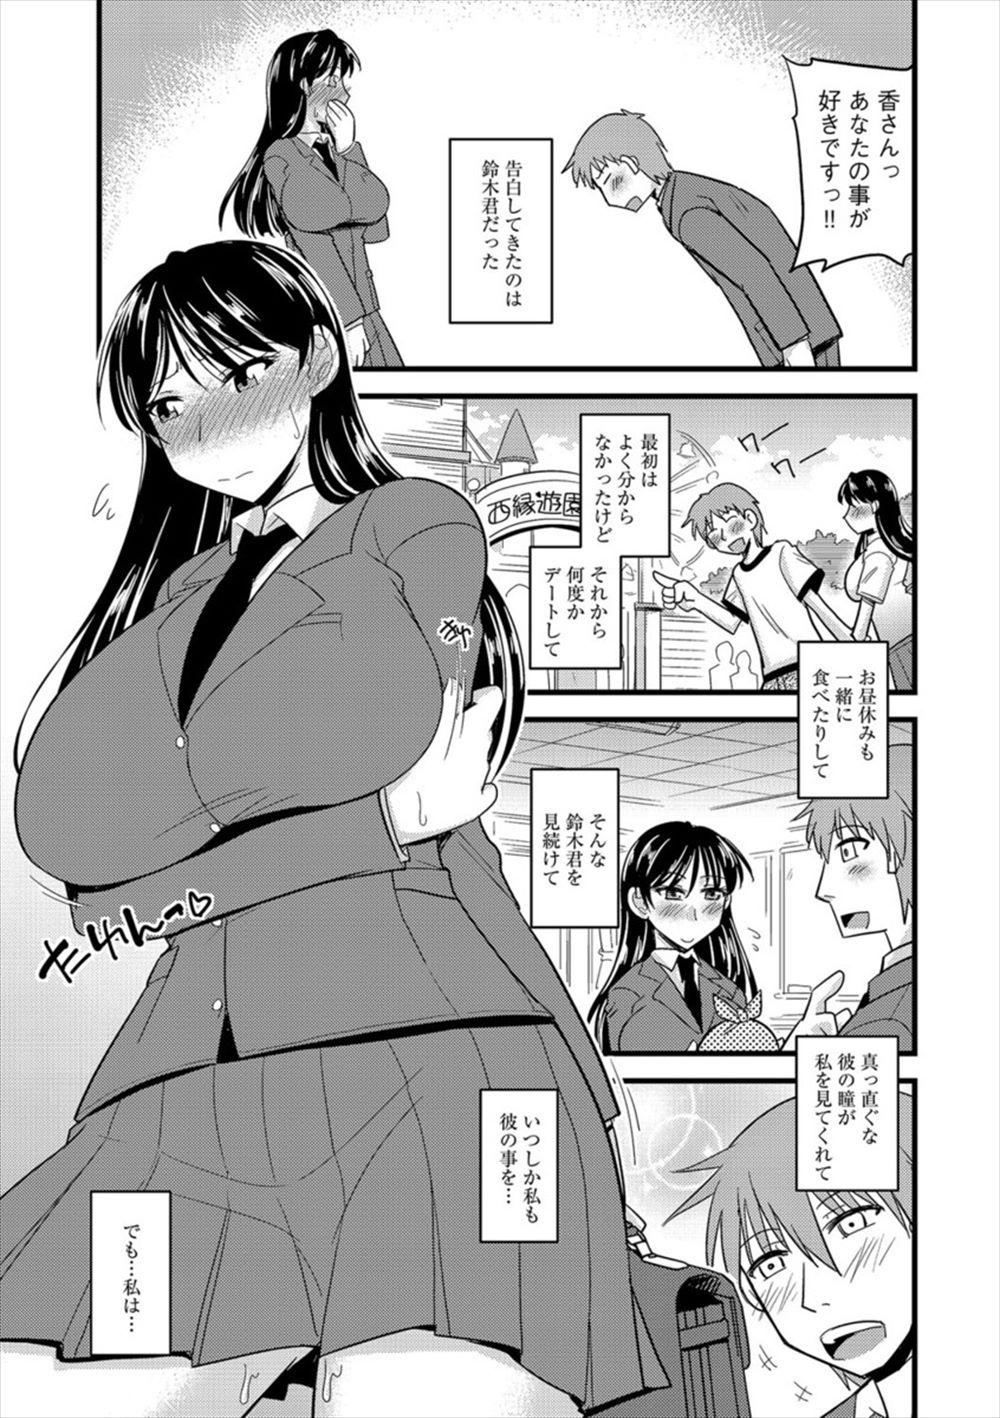 【エロ漫画】彼氏ができたのに弟に服の下緊縛状態でのデートを命令され逆らえないお姉ちゃんが今日も弟チンポで近親相姦セックスwww